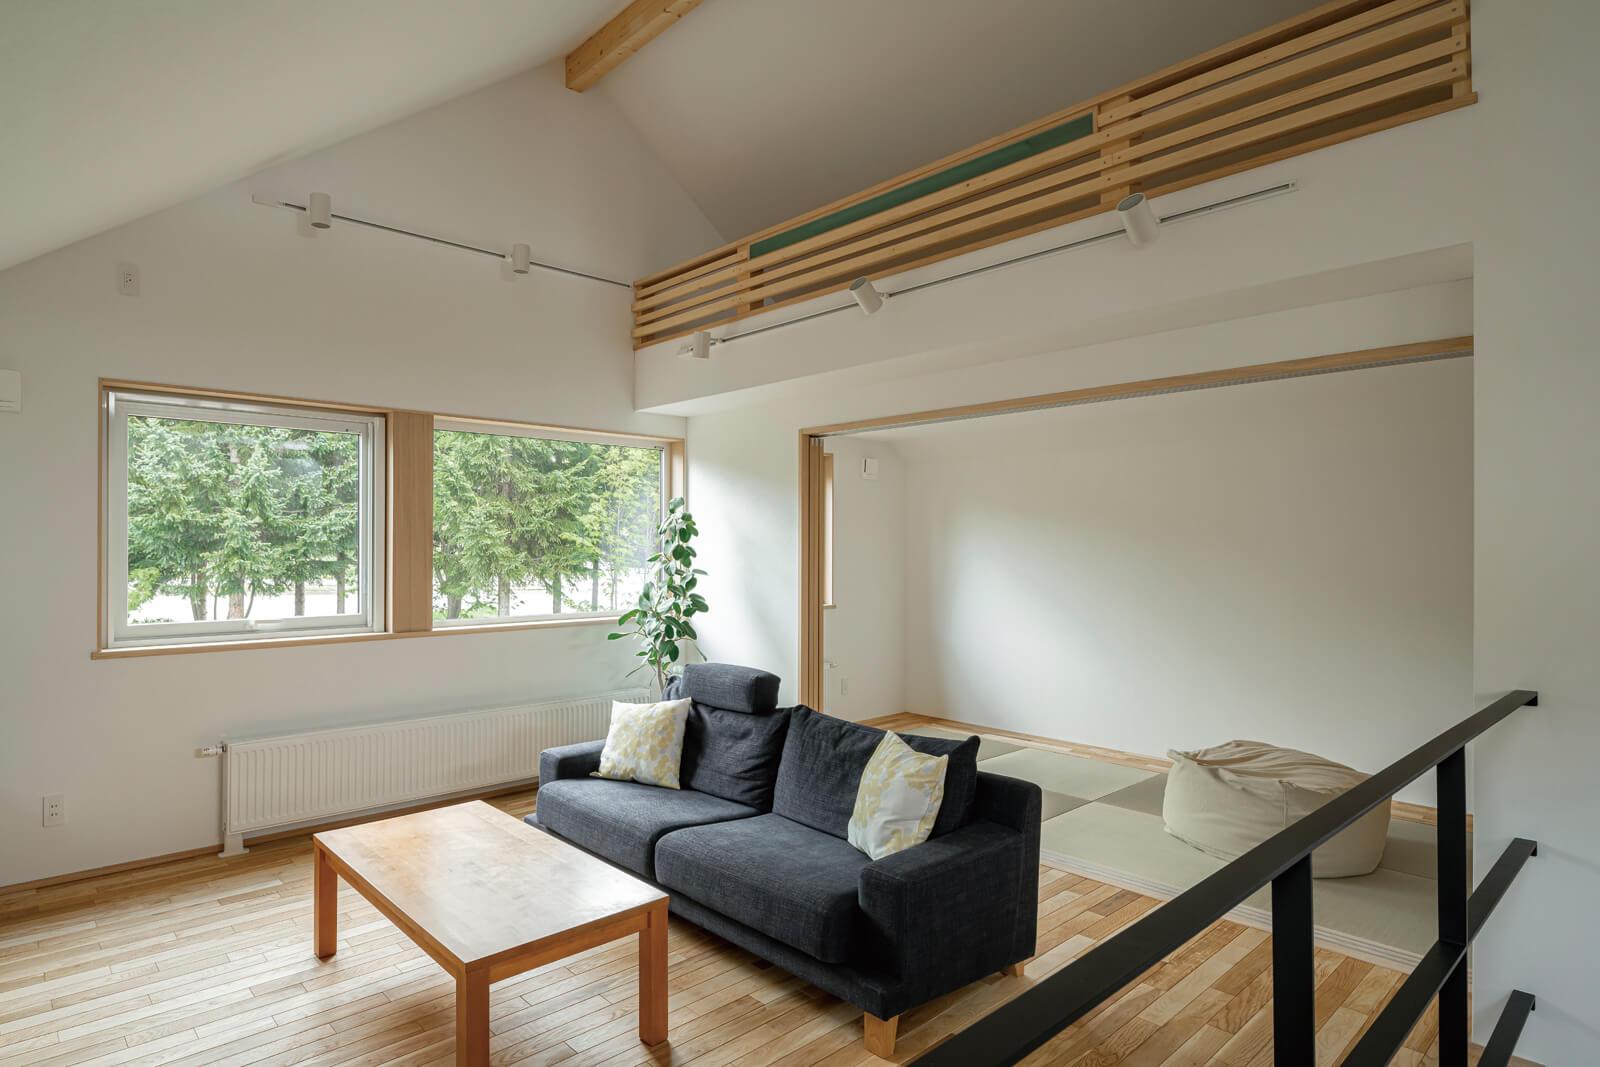 三角屋根の空間を活かし、畳エリアの上部をロフトにした。LDKを一望できるロフトは最高のこもりスペースになる